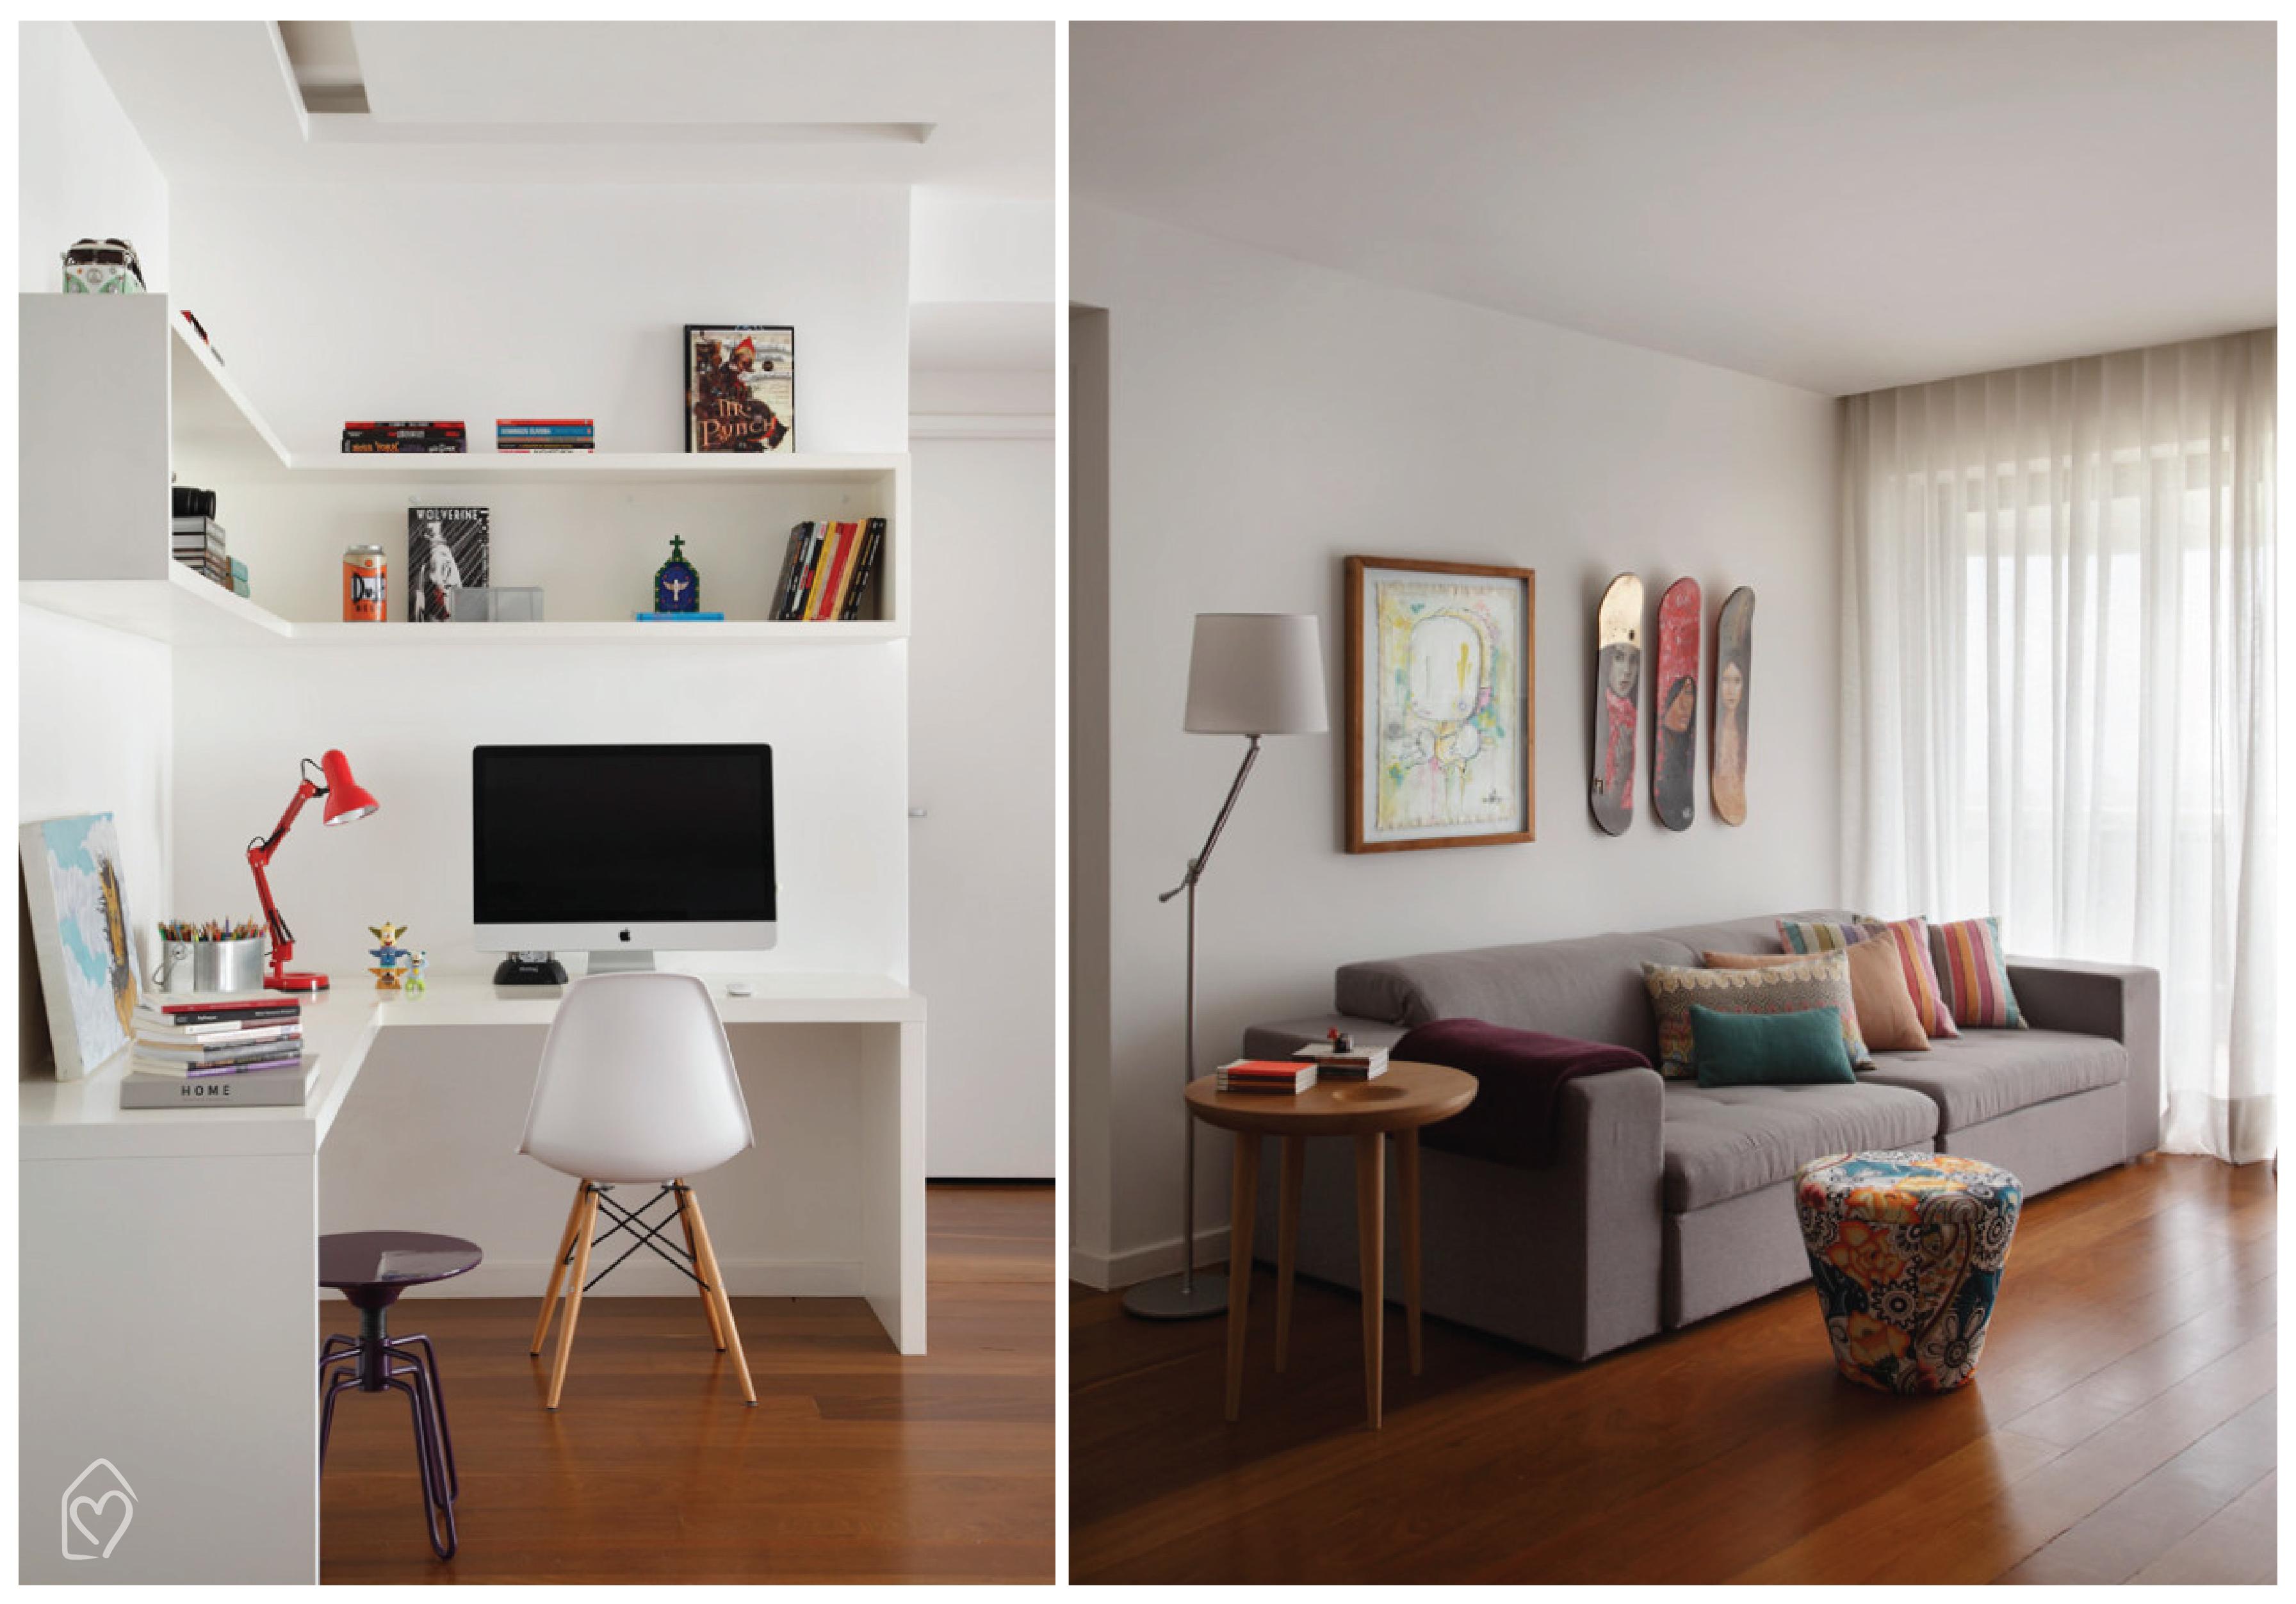 Amigas Tudo integrado: sala cozinha e home office! Casa das Amigas #A12E2A 3585 2504